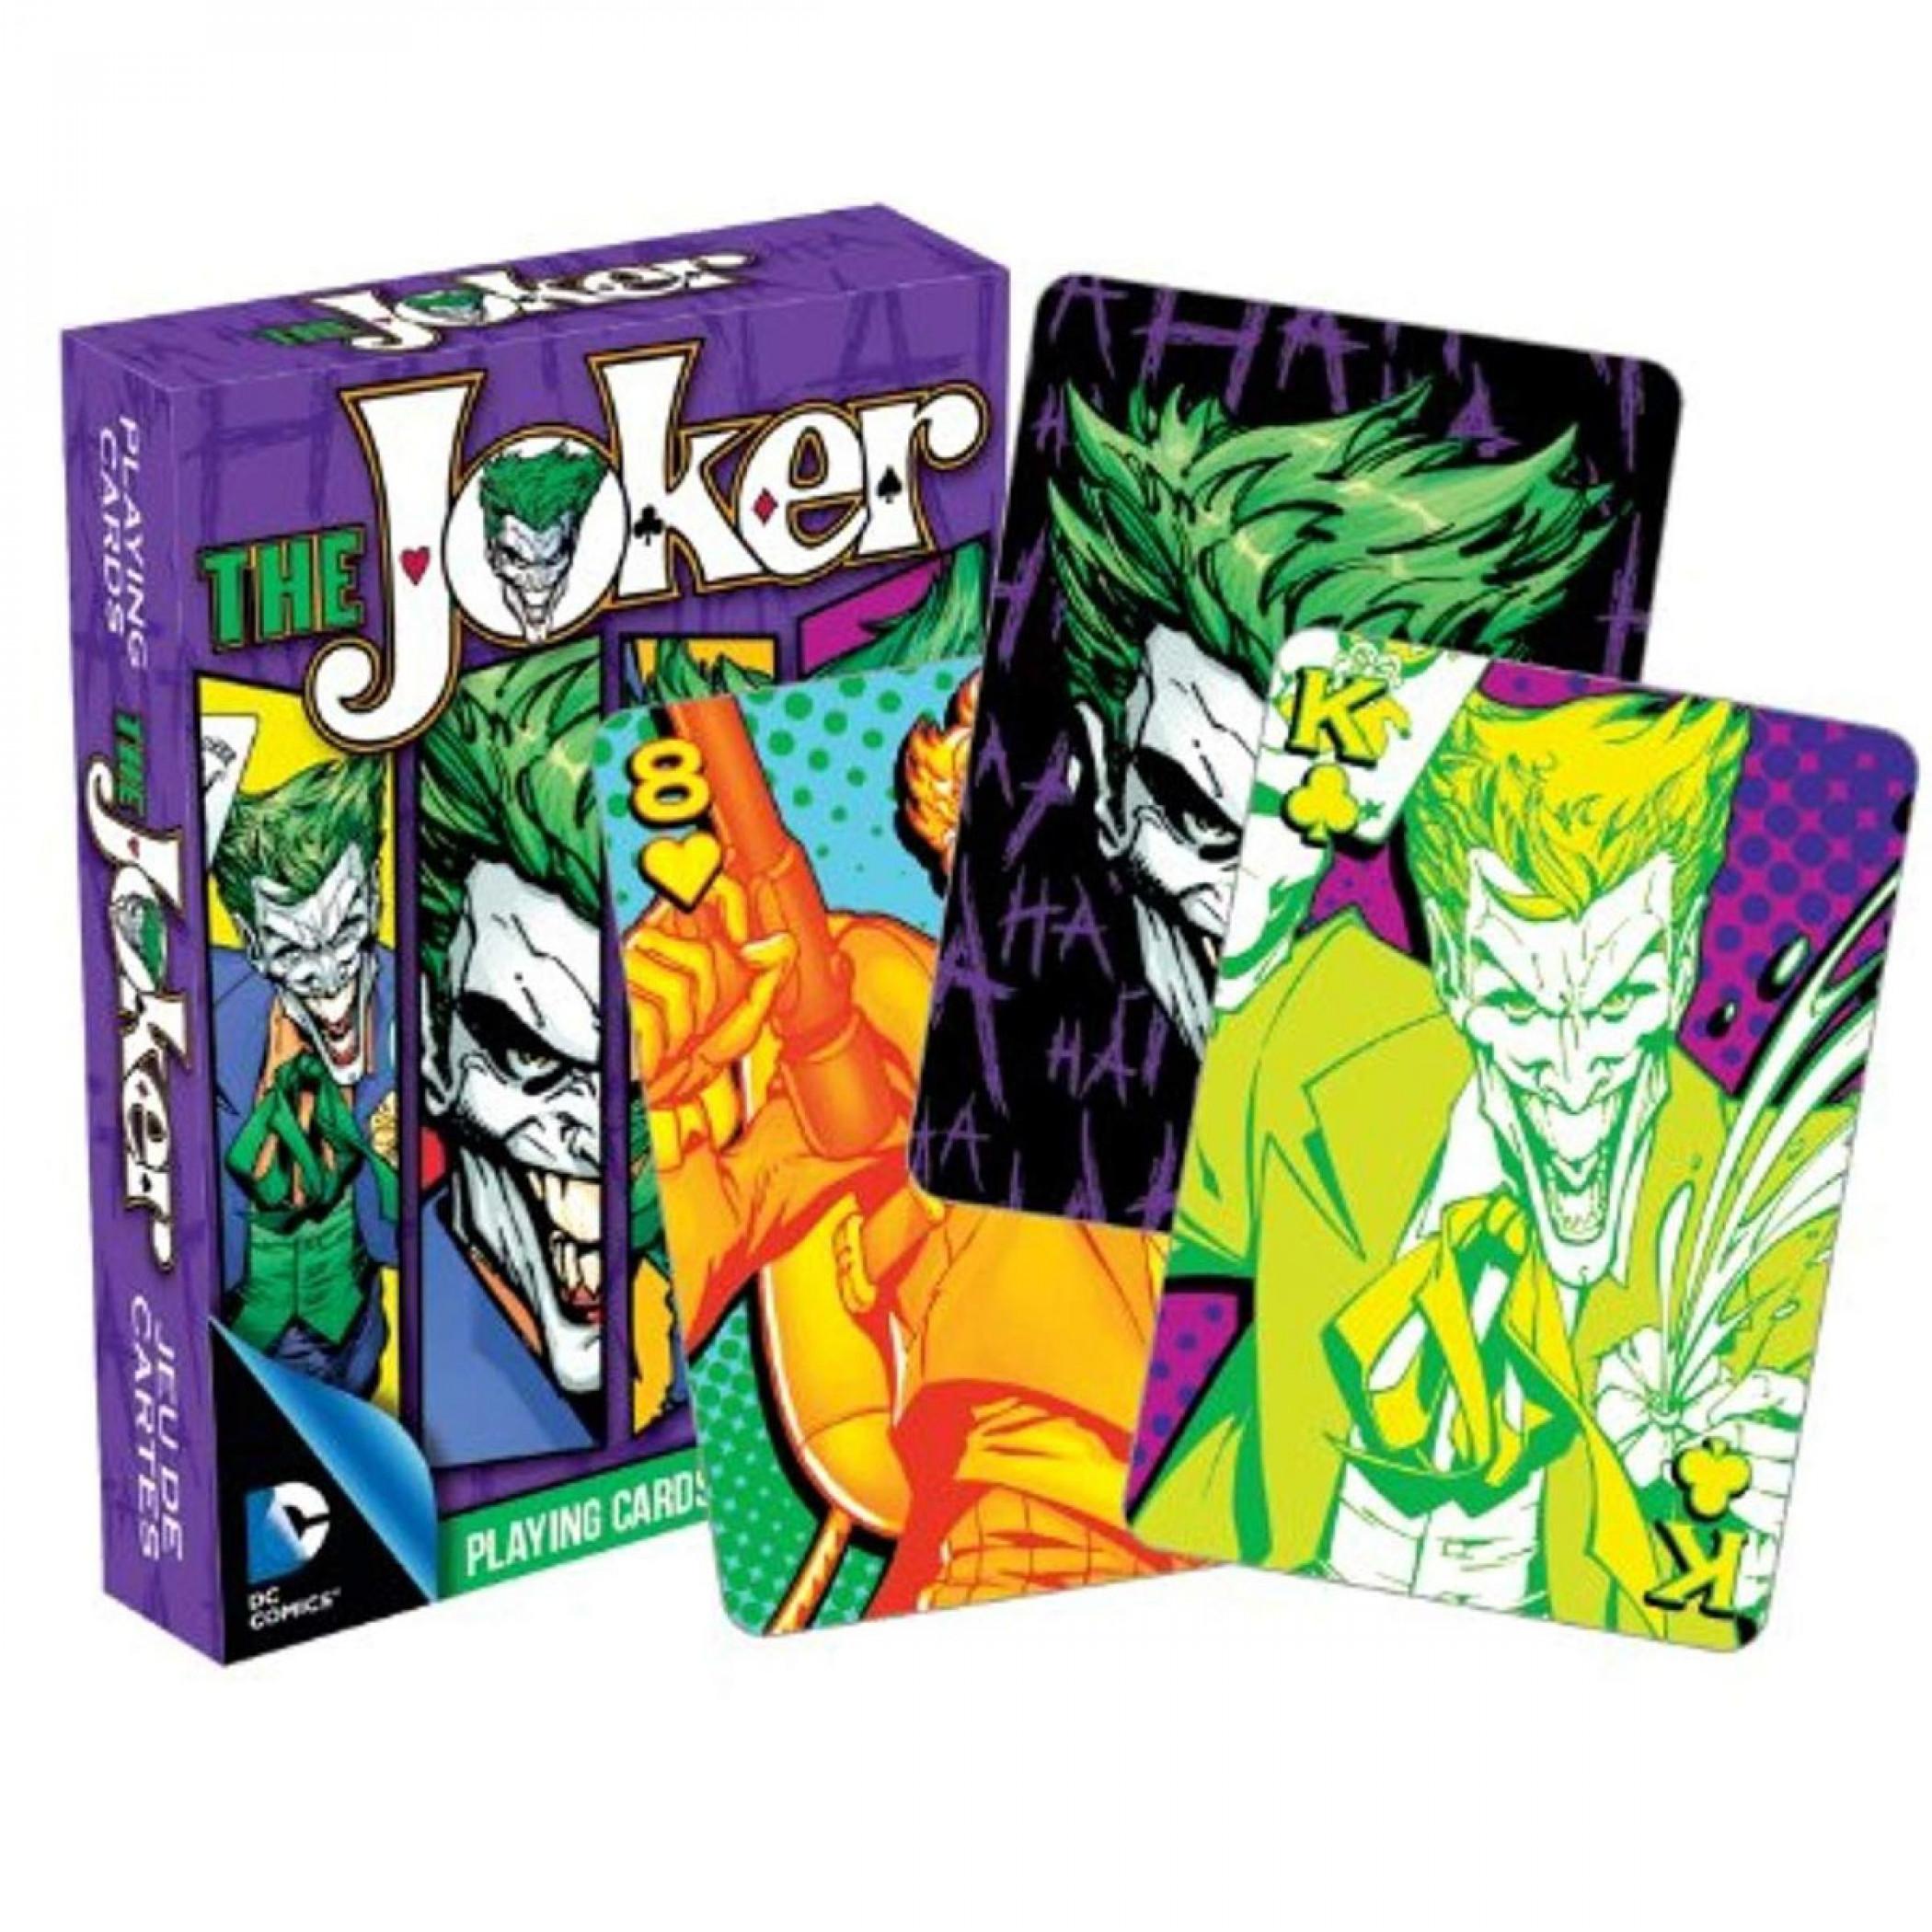 DC Comics The Joker Playing Cards